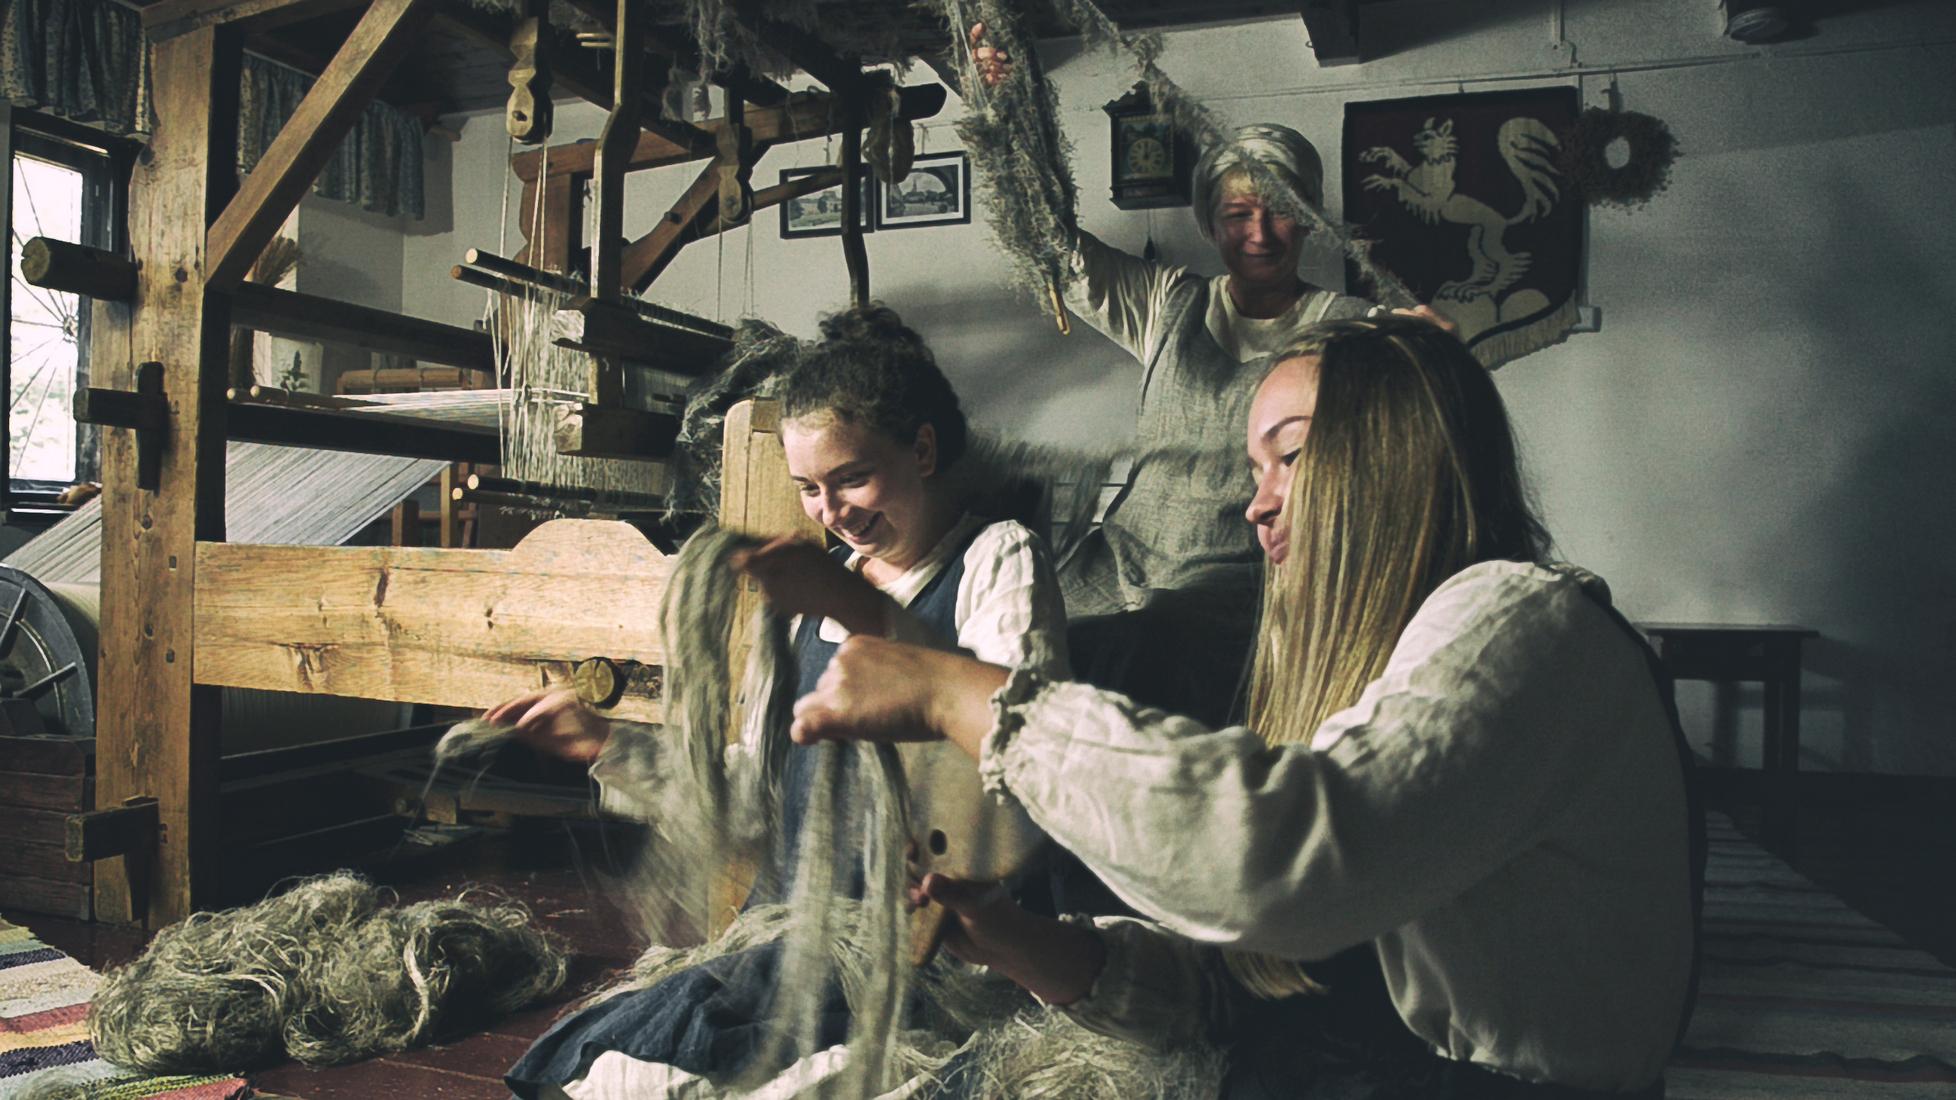 Arkadiusz Makowski fotografia grafika film warsztaty i sesje fotograficzne Lubawka.